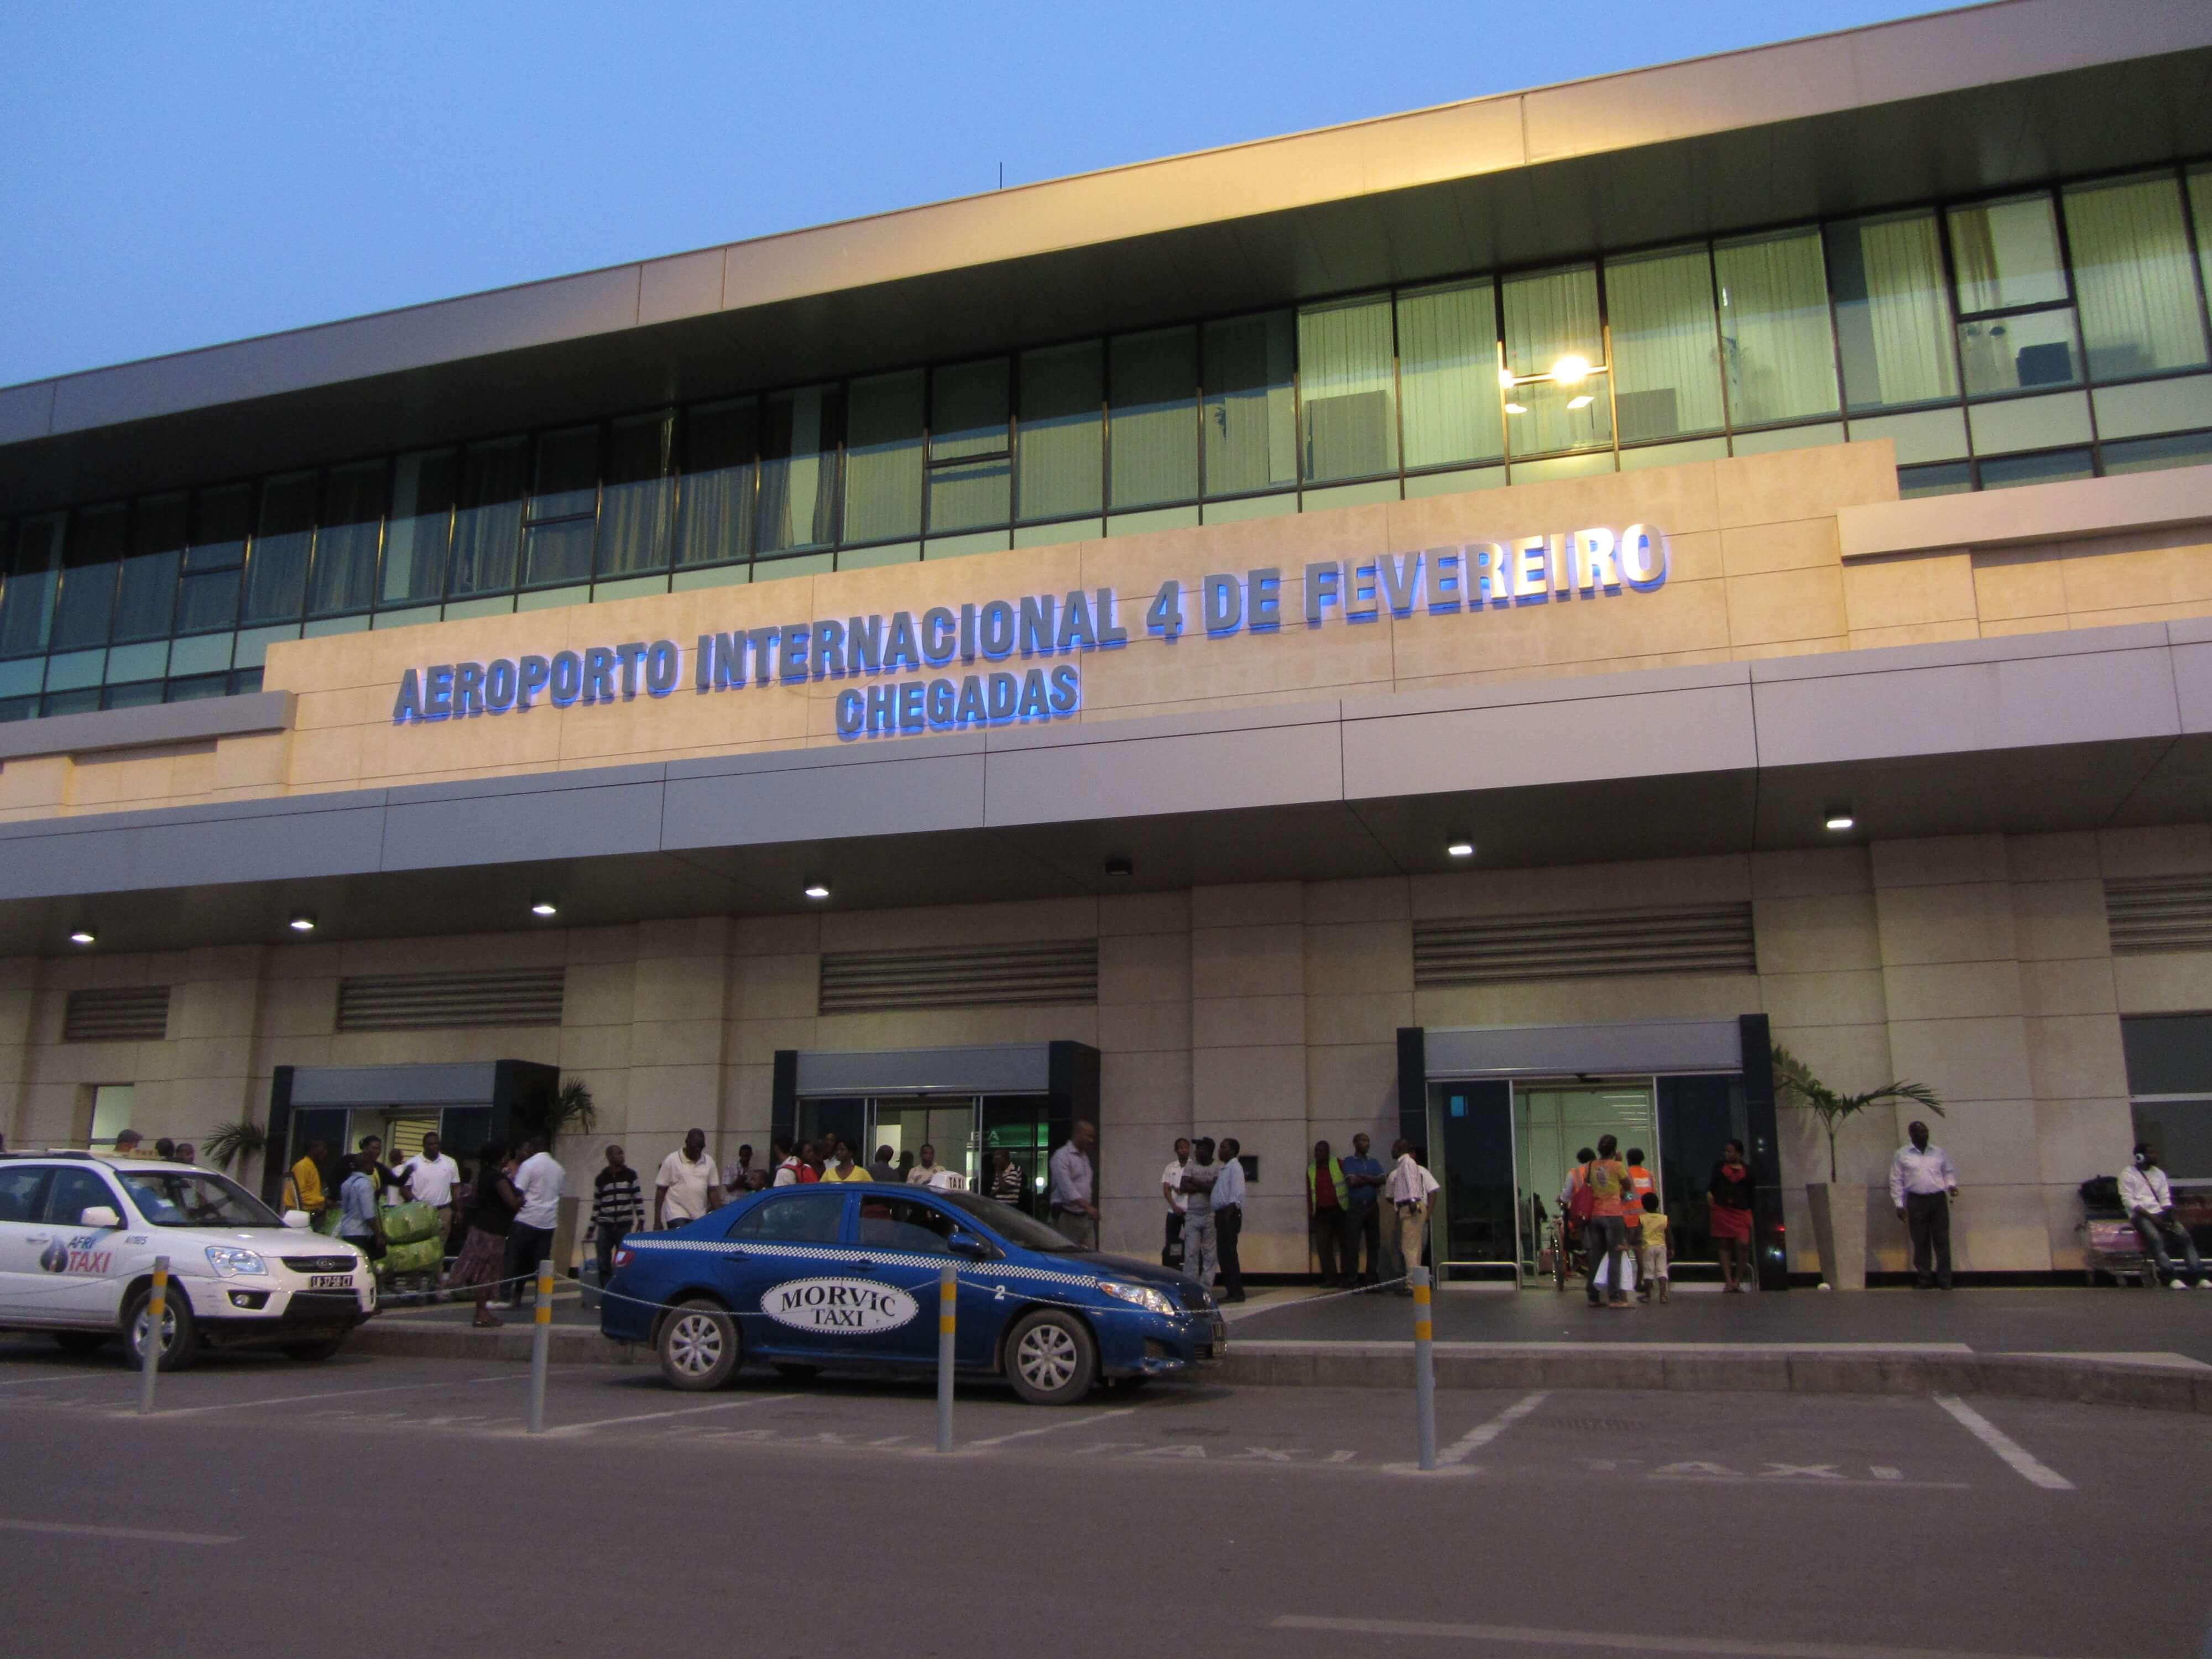 Vagas no Aeroporto Internacional 4 de Fevereiro Angola